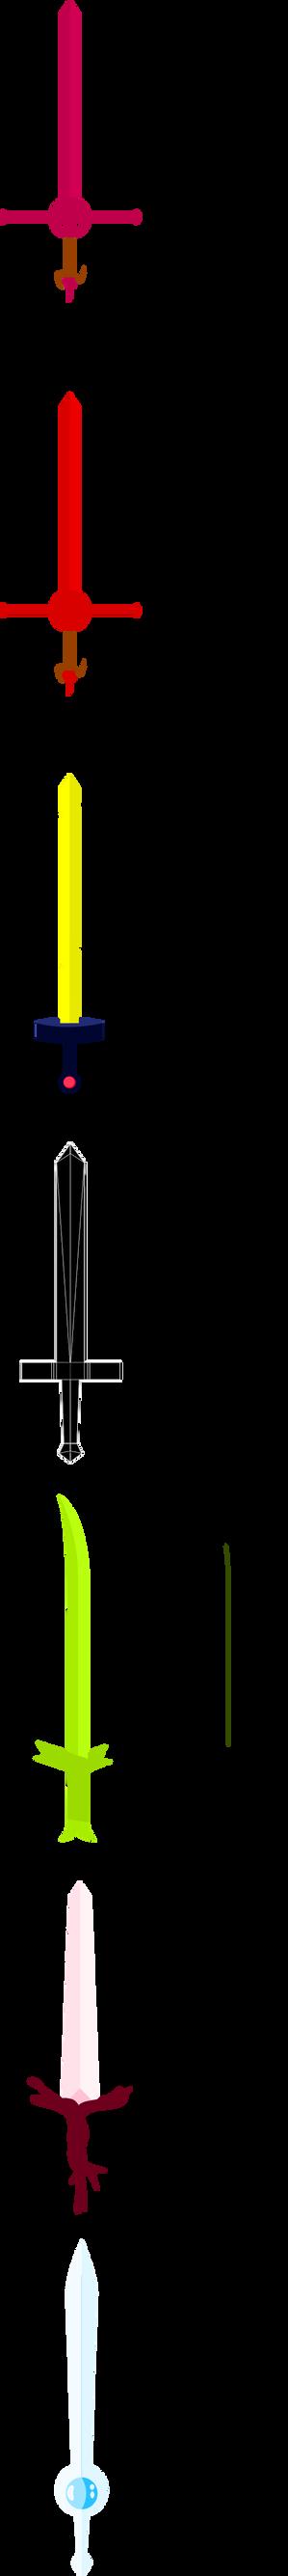 Finn-sword-wip by beatorizu